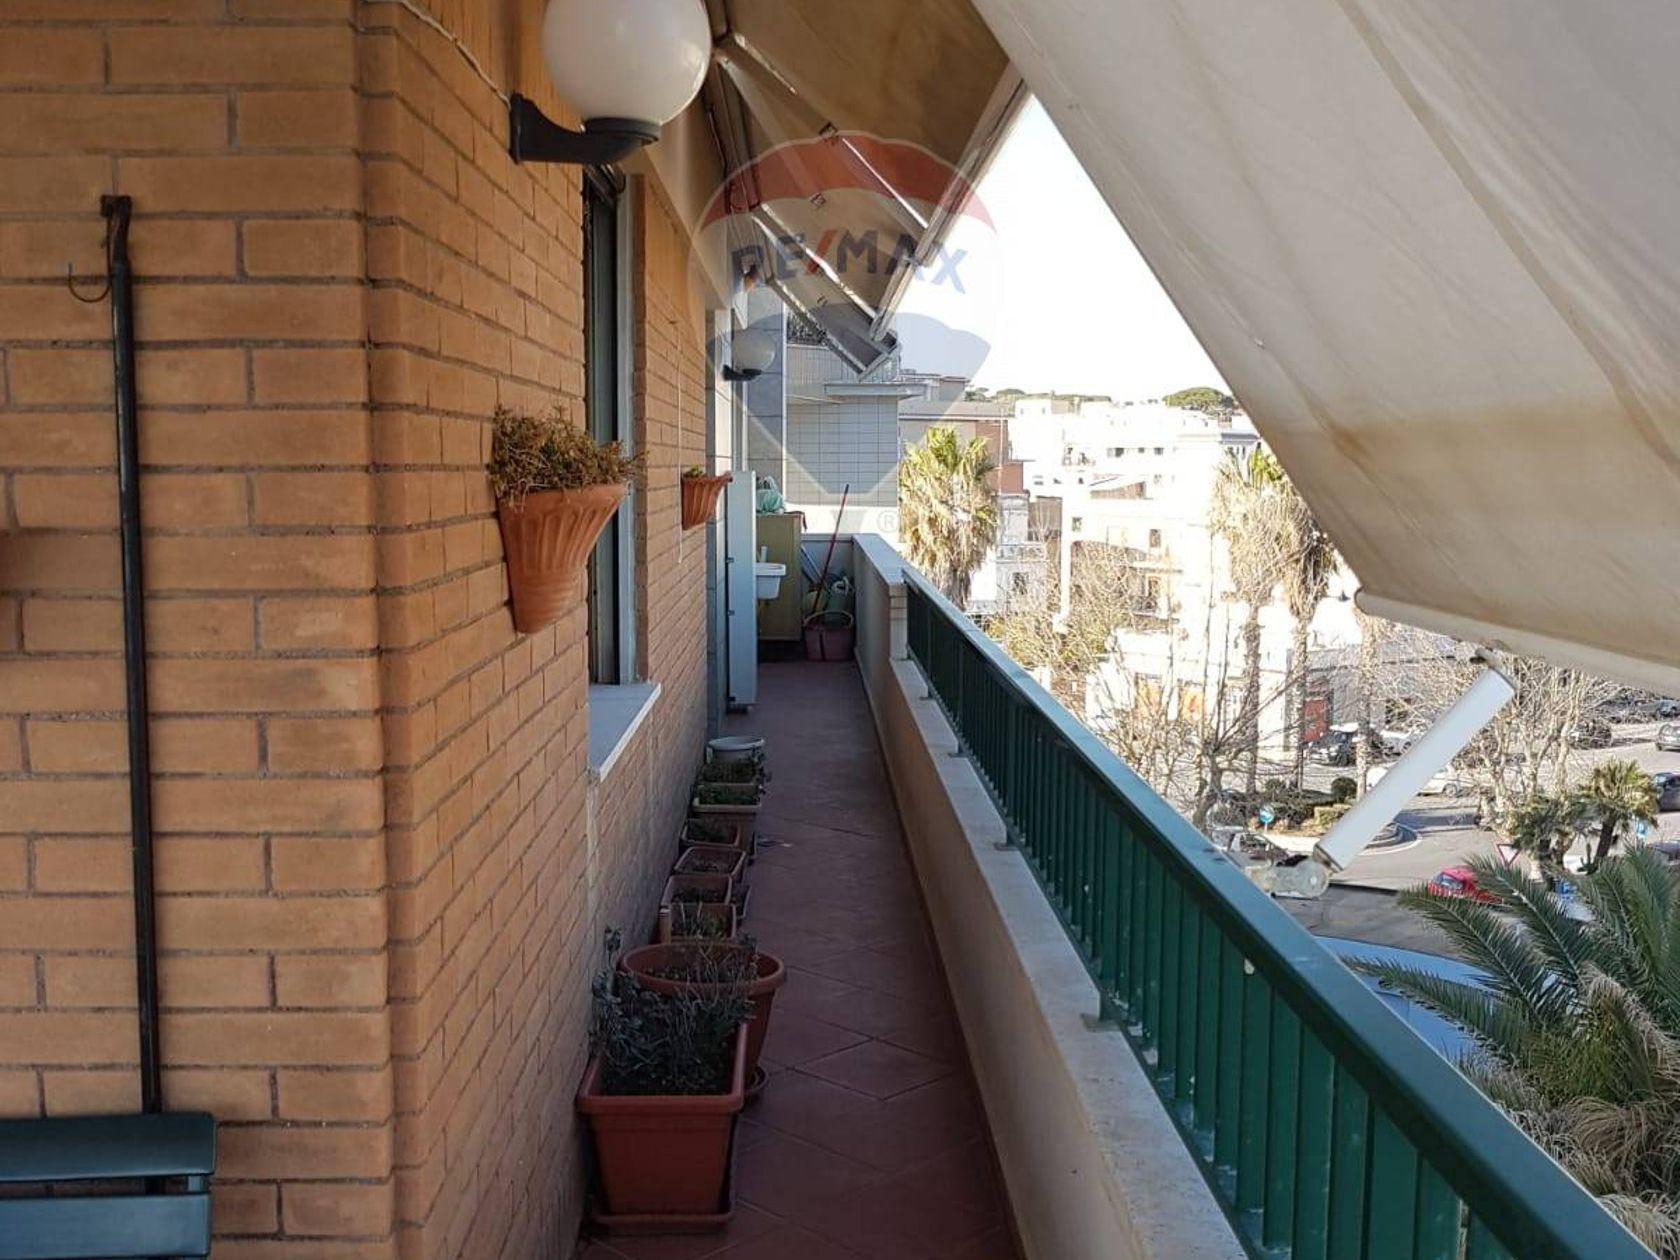 Attico/Mansarda Anzio-centro, Anzio, RM Vendita - Foto 11